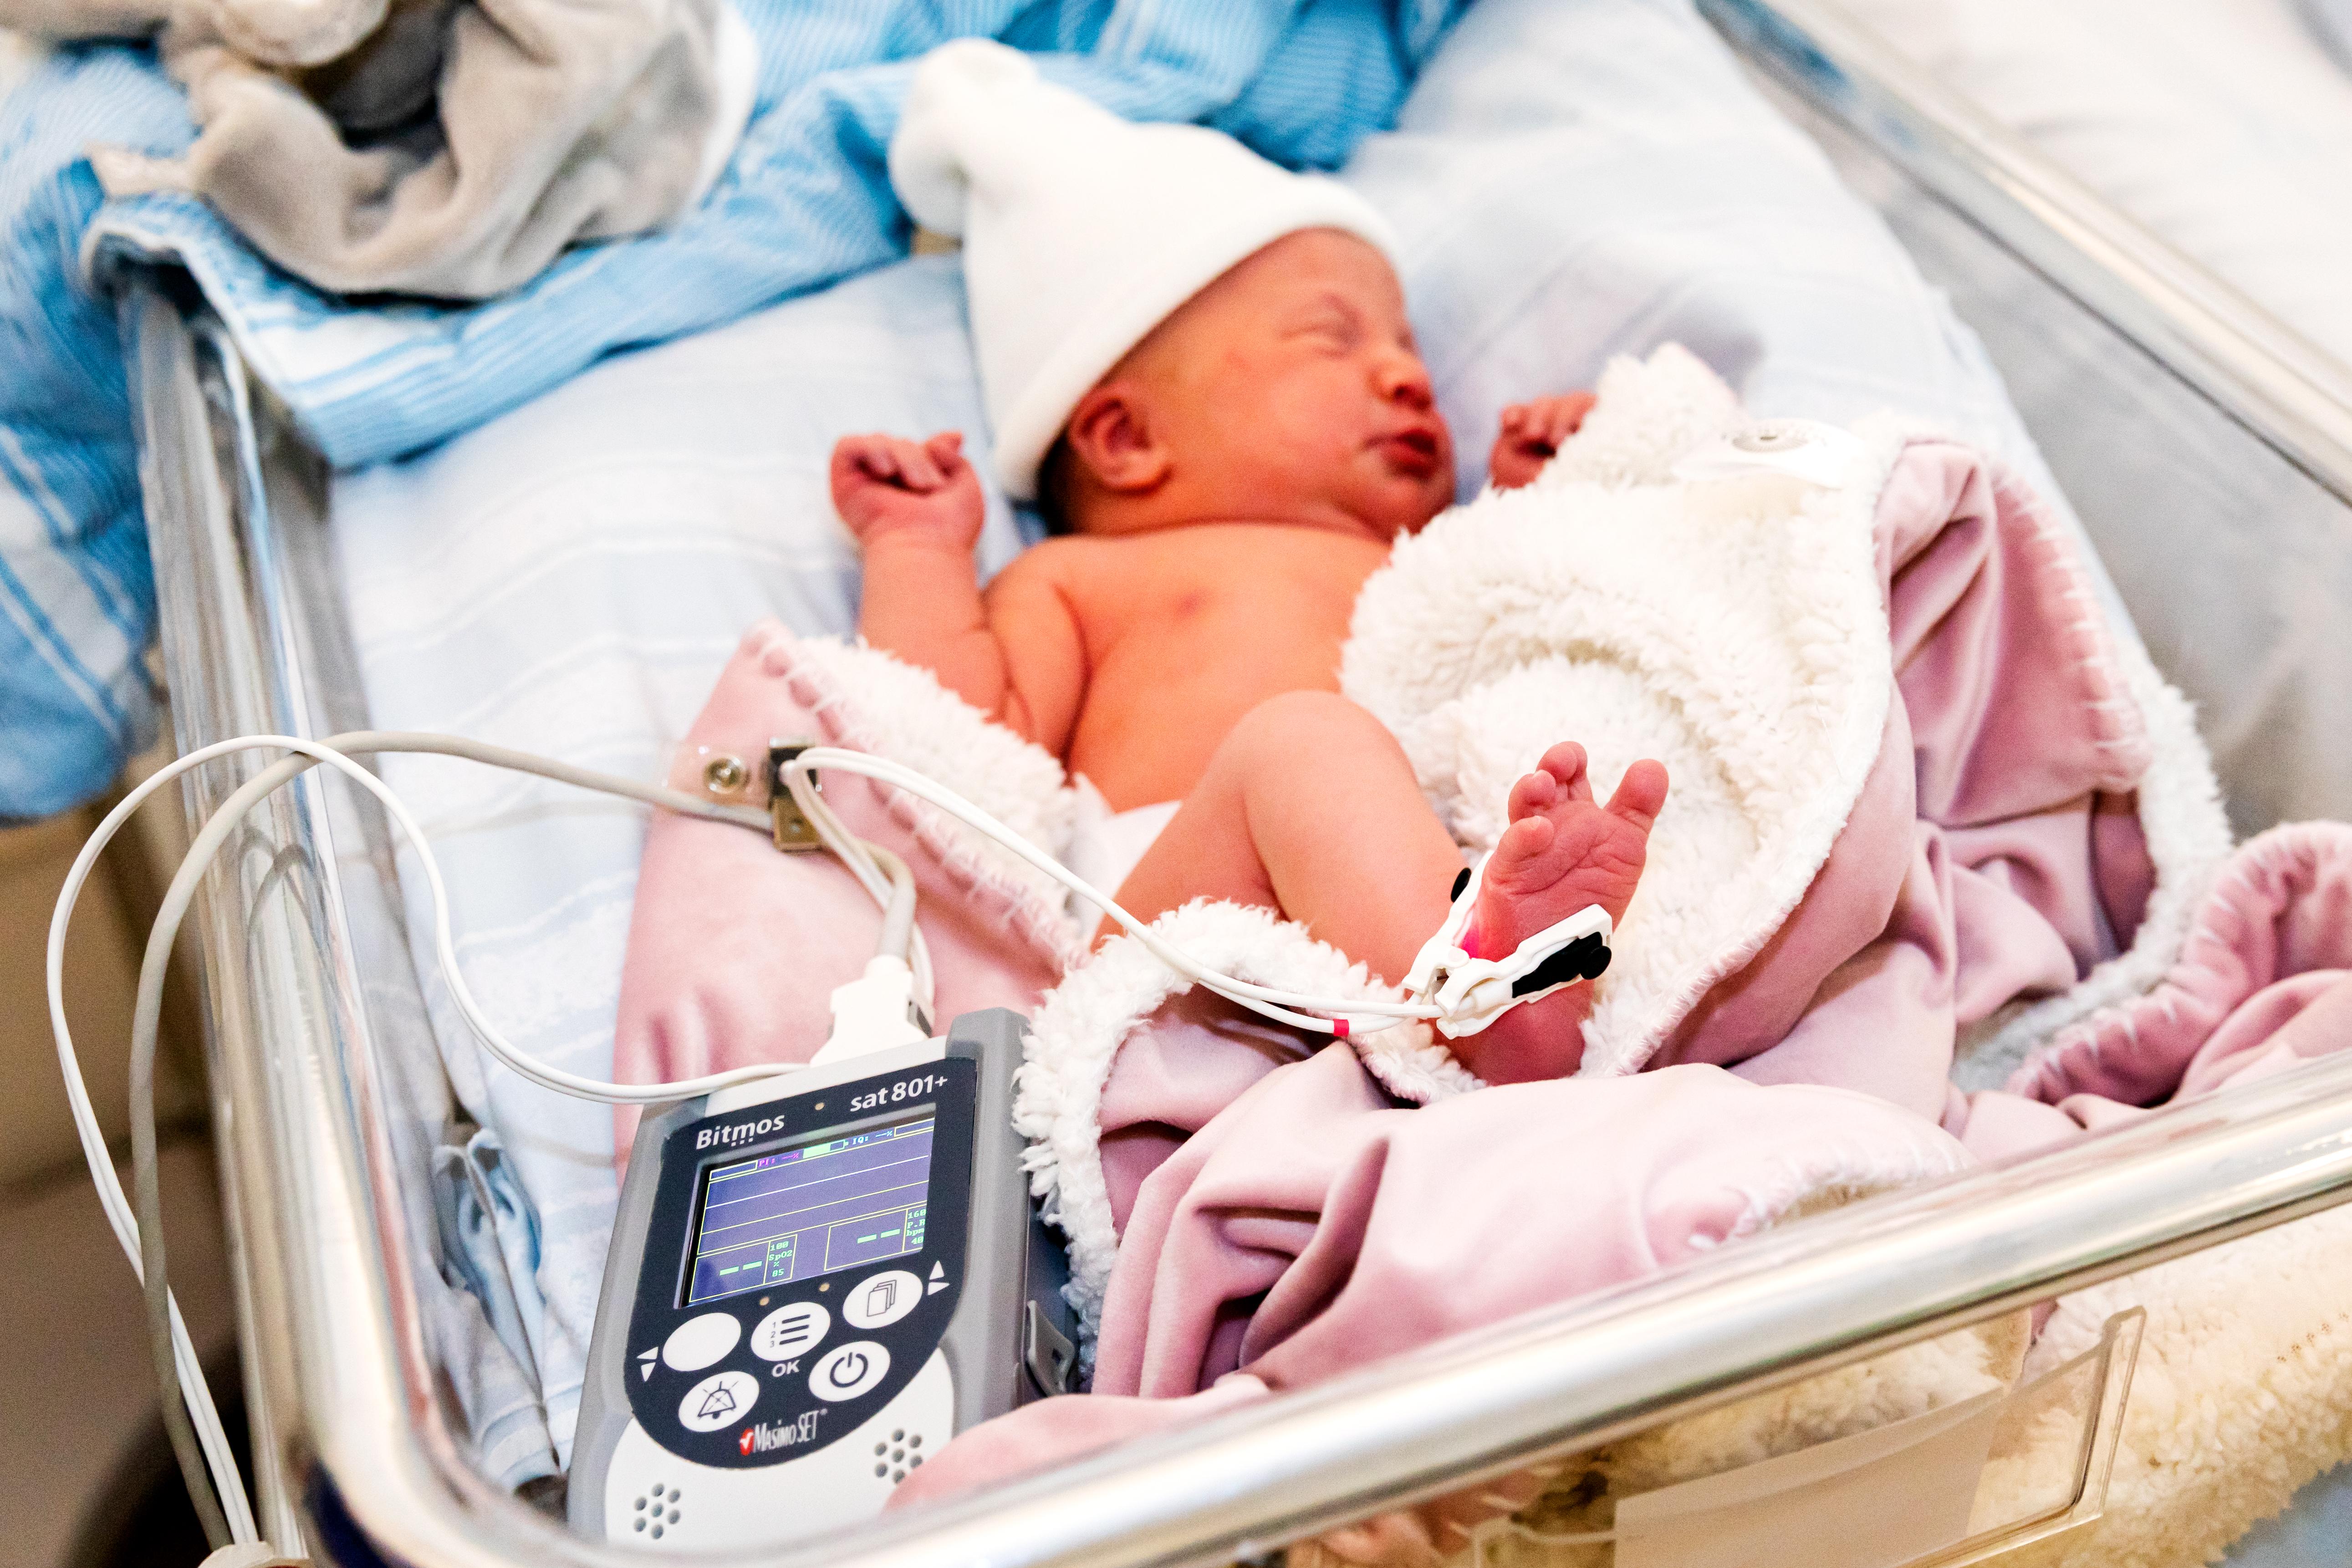 lågt blodsocker nyfödd